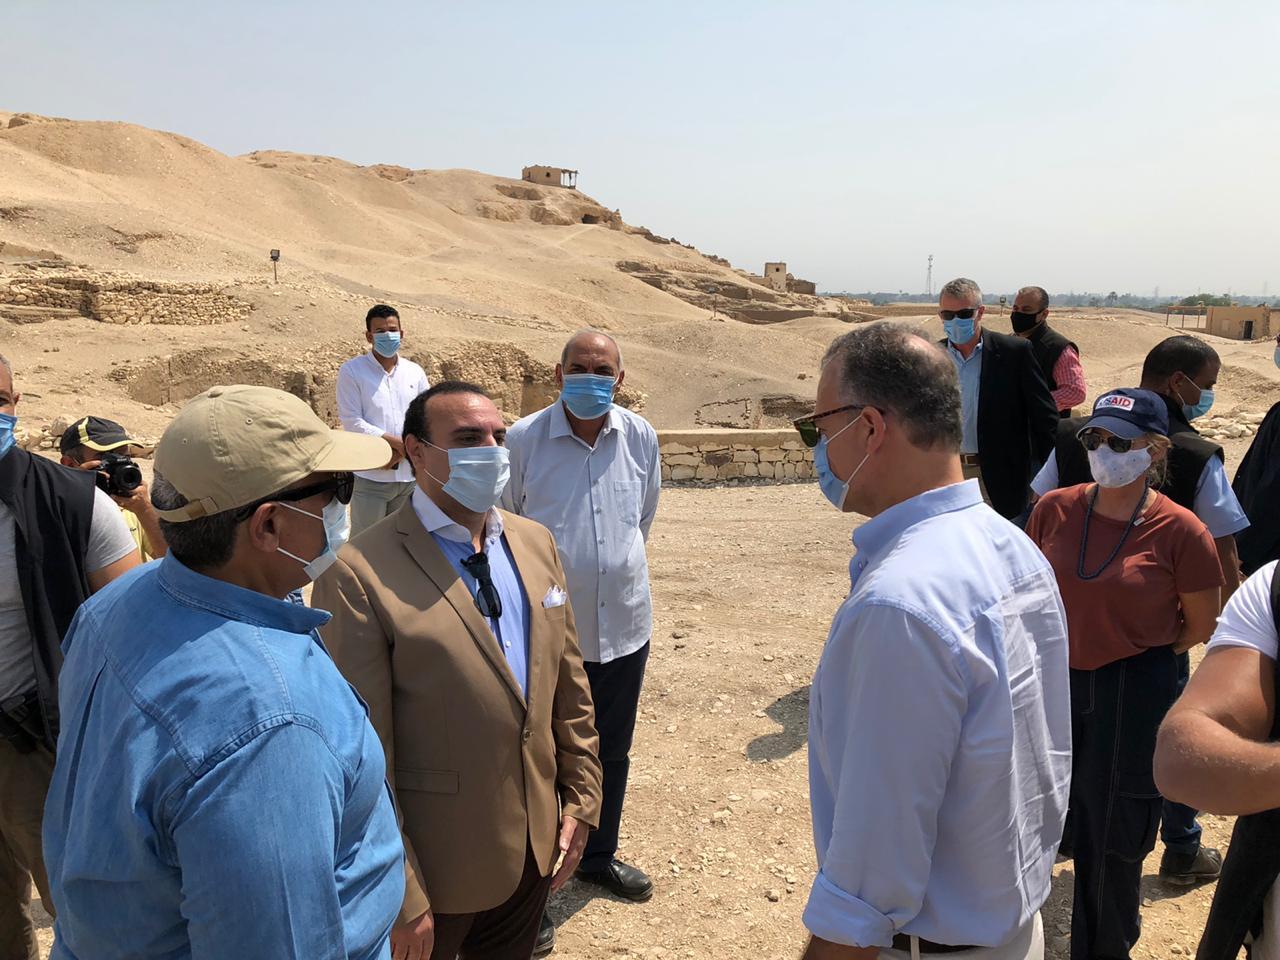 السفير الأمريكى بالقاهرة ونائب محافظ الأقصر يتفقدان مقابر ذراع أبو النجا  (5)